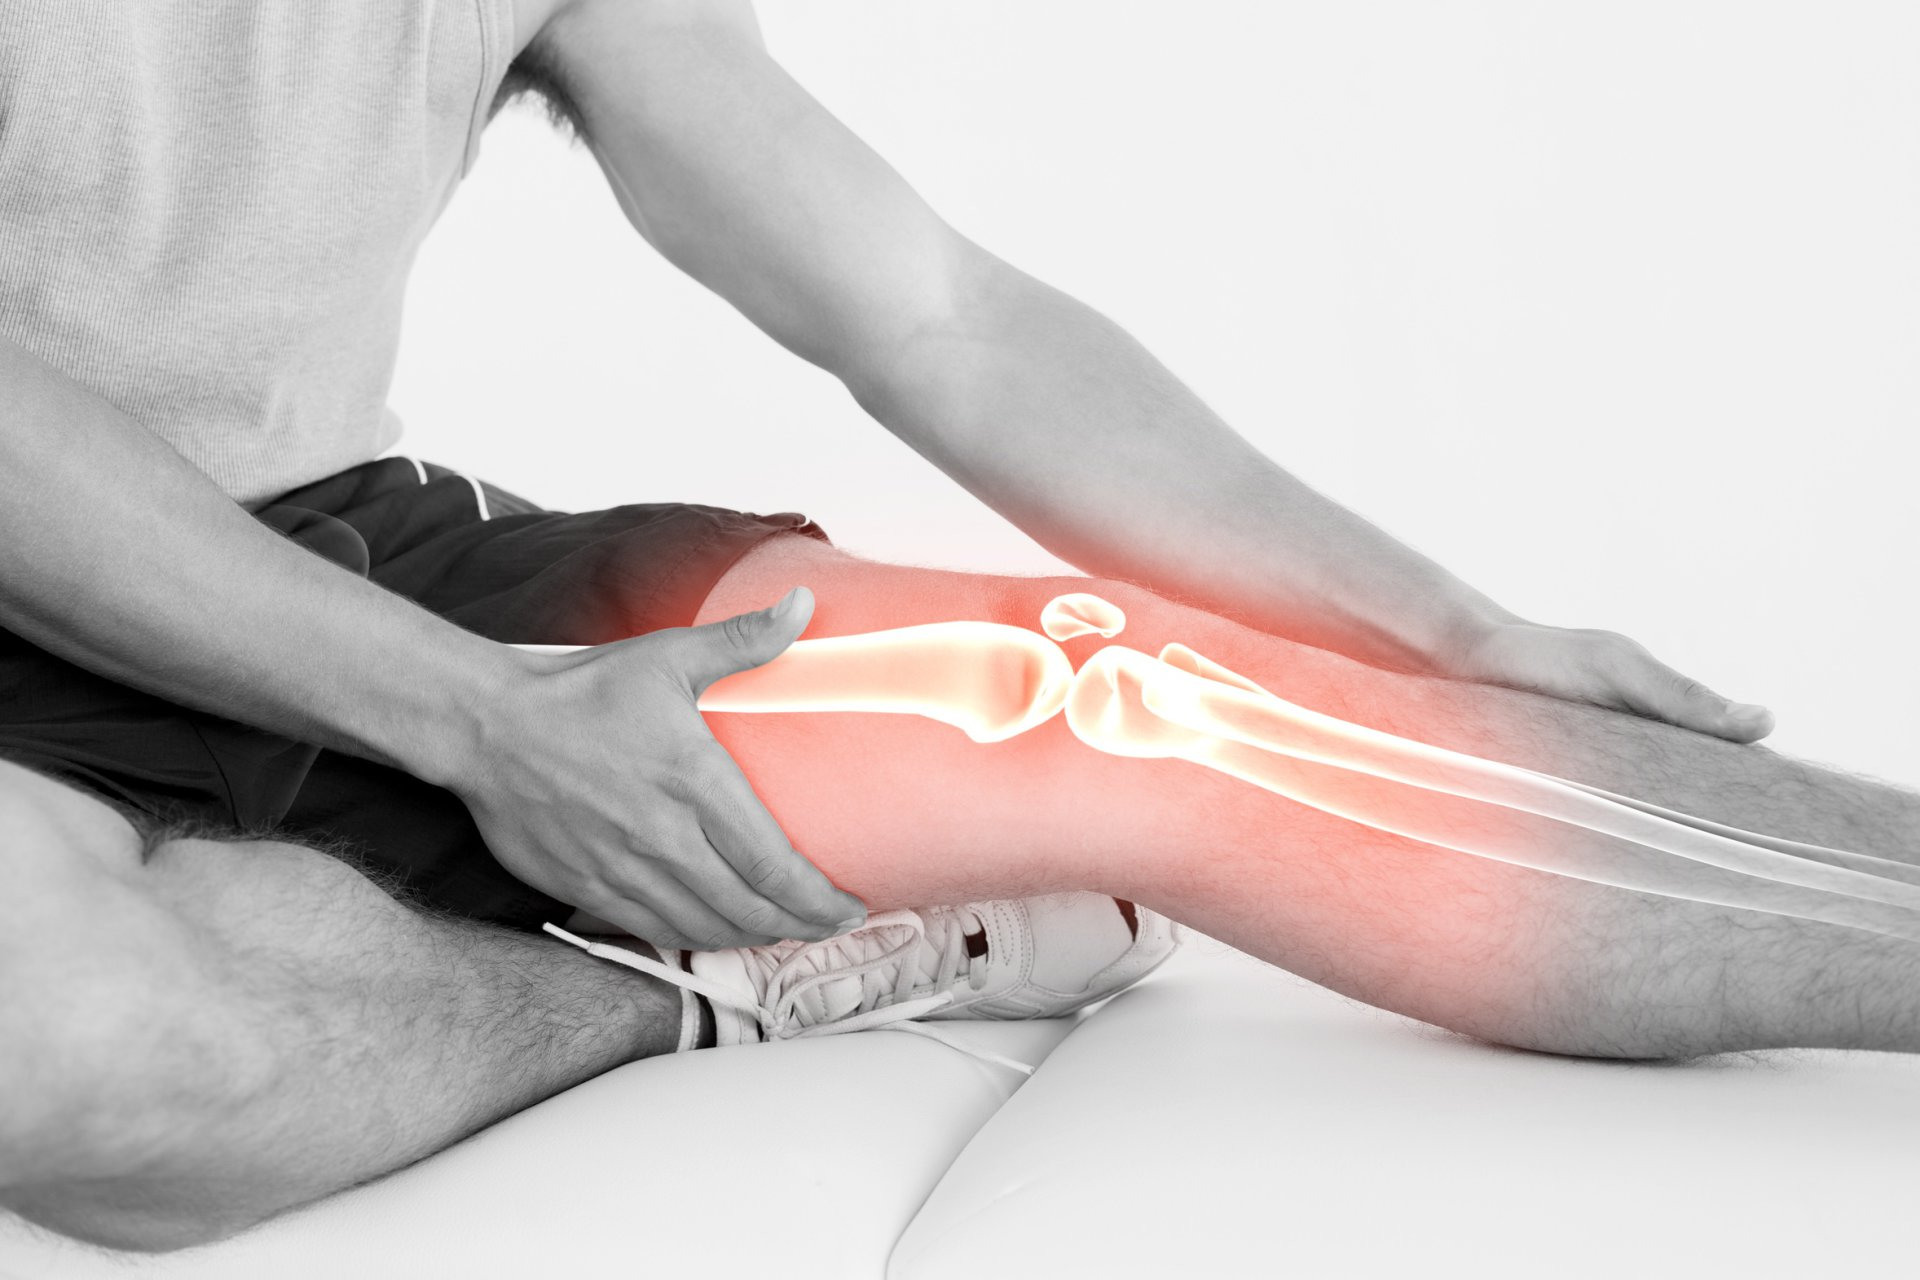 fizikines gydymas artrozės metu ostinas tepalas nuo sąnarių